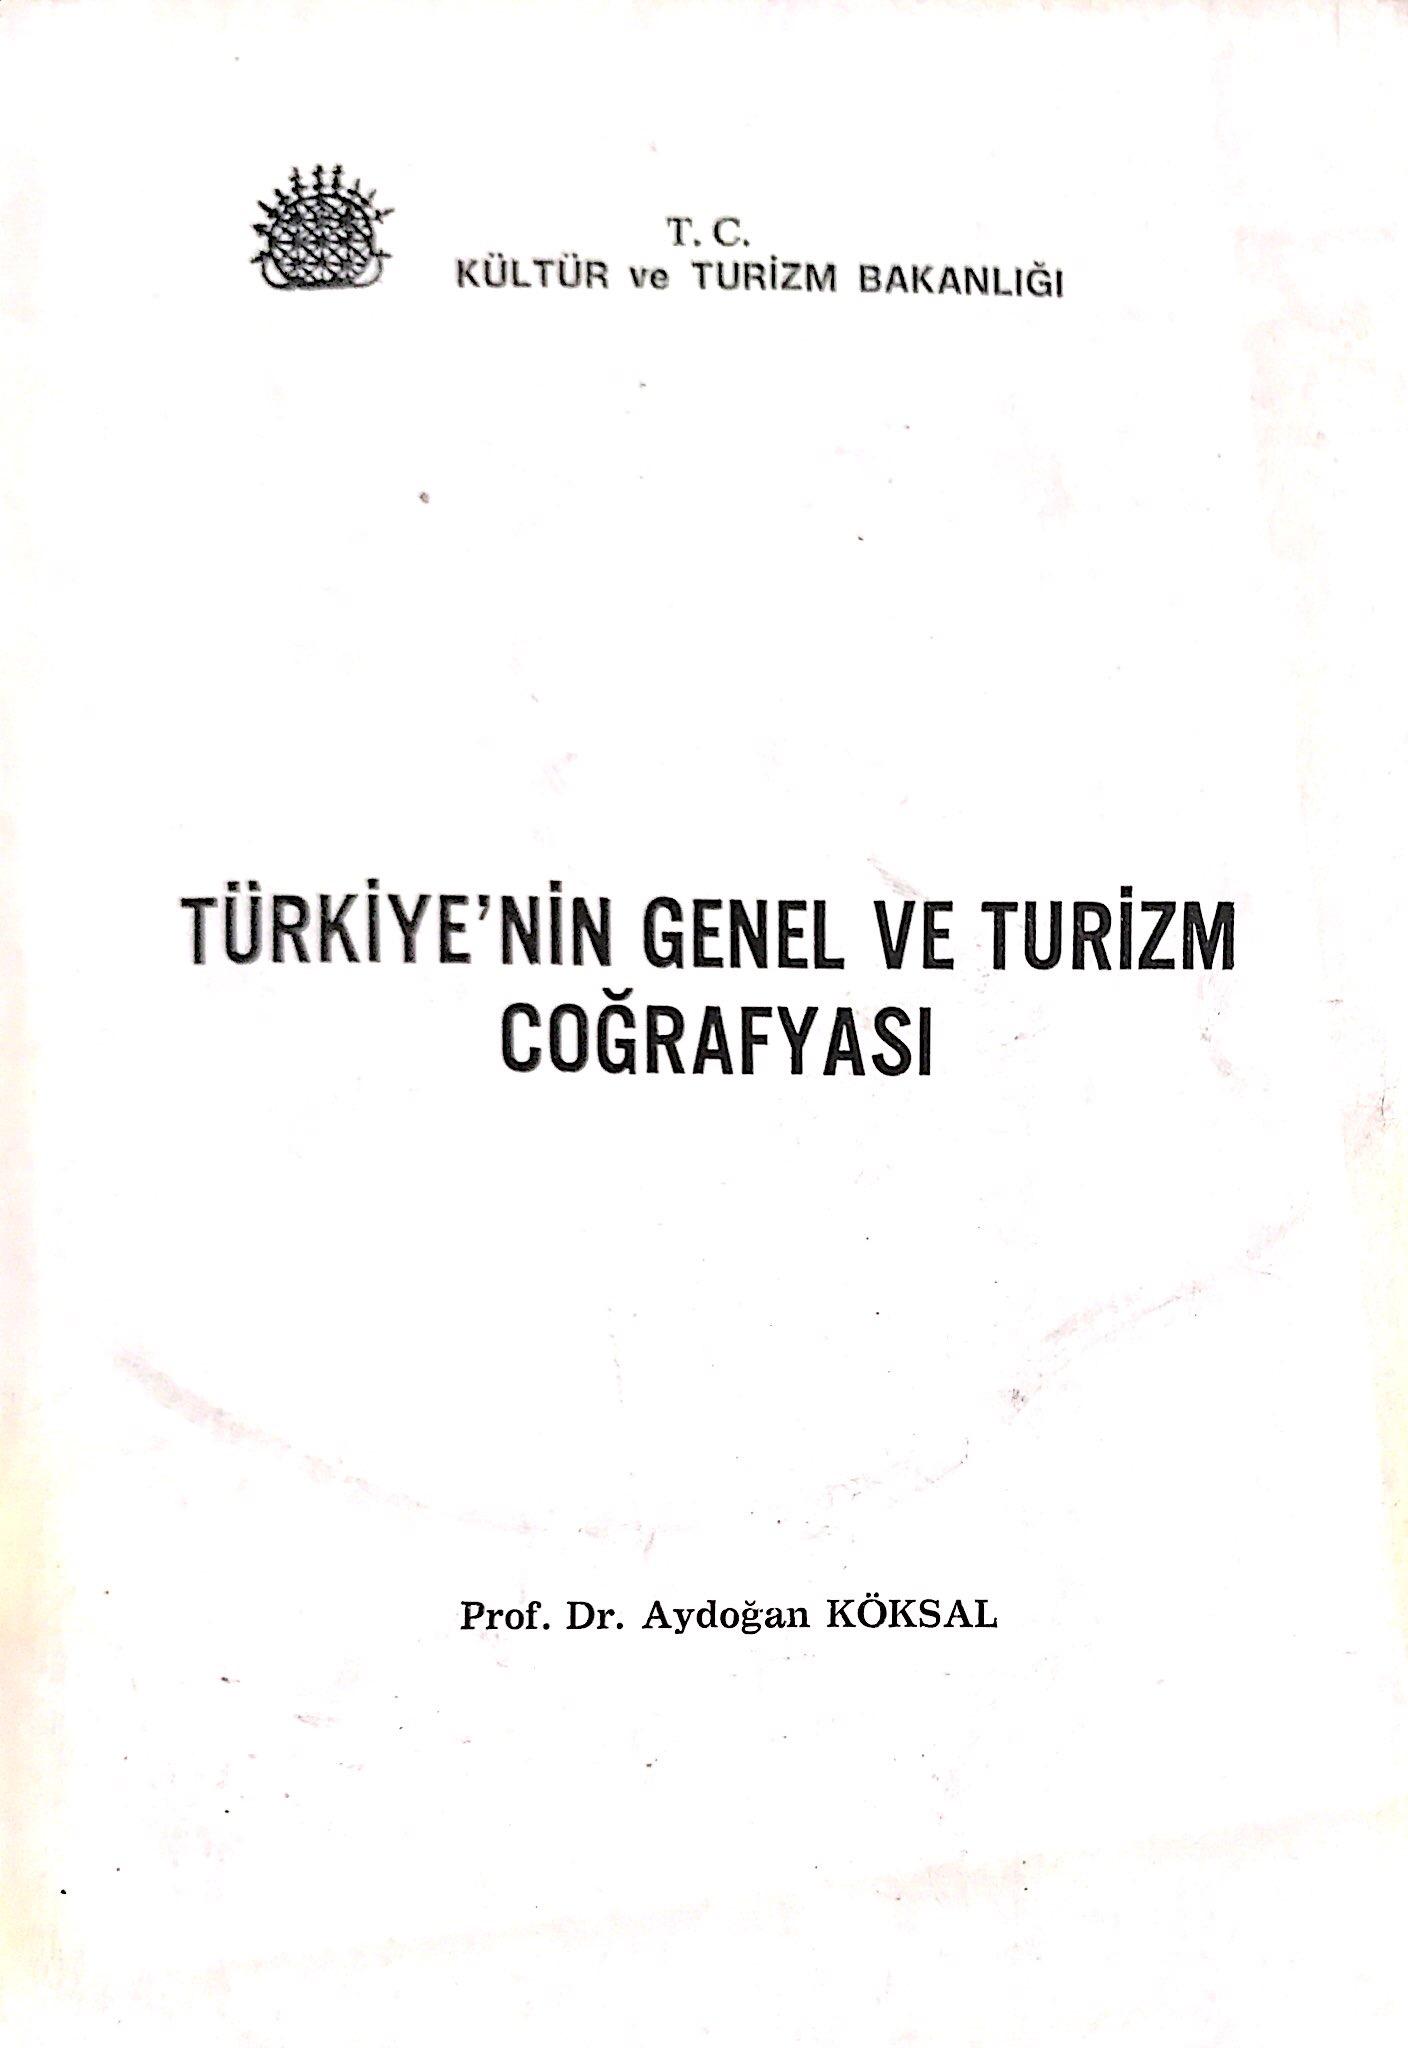 Türkiye'nin Genel ve Turizm Coğrafyası Kitap Kapağı